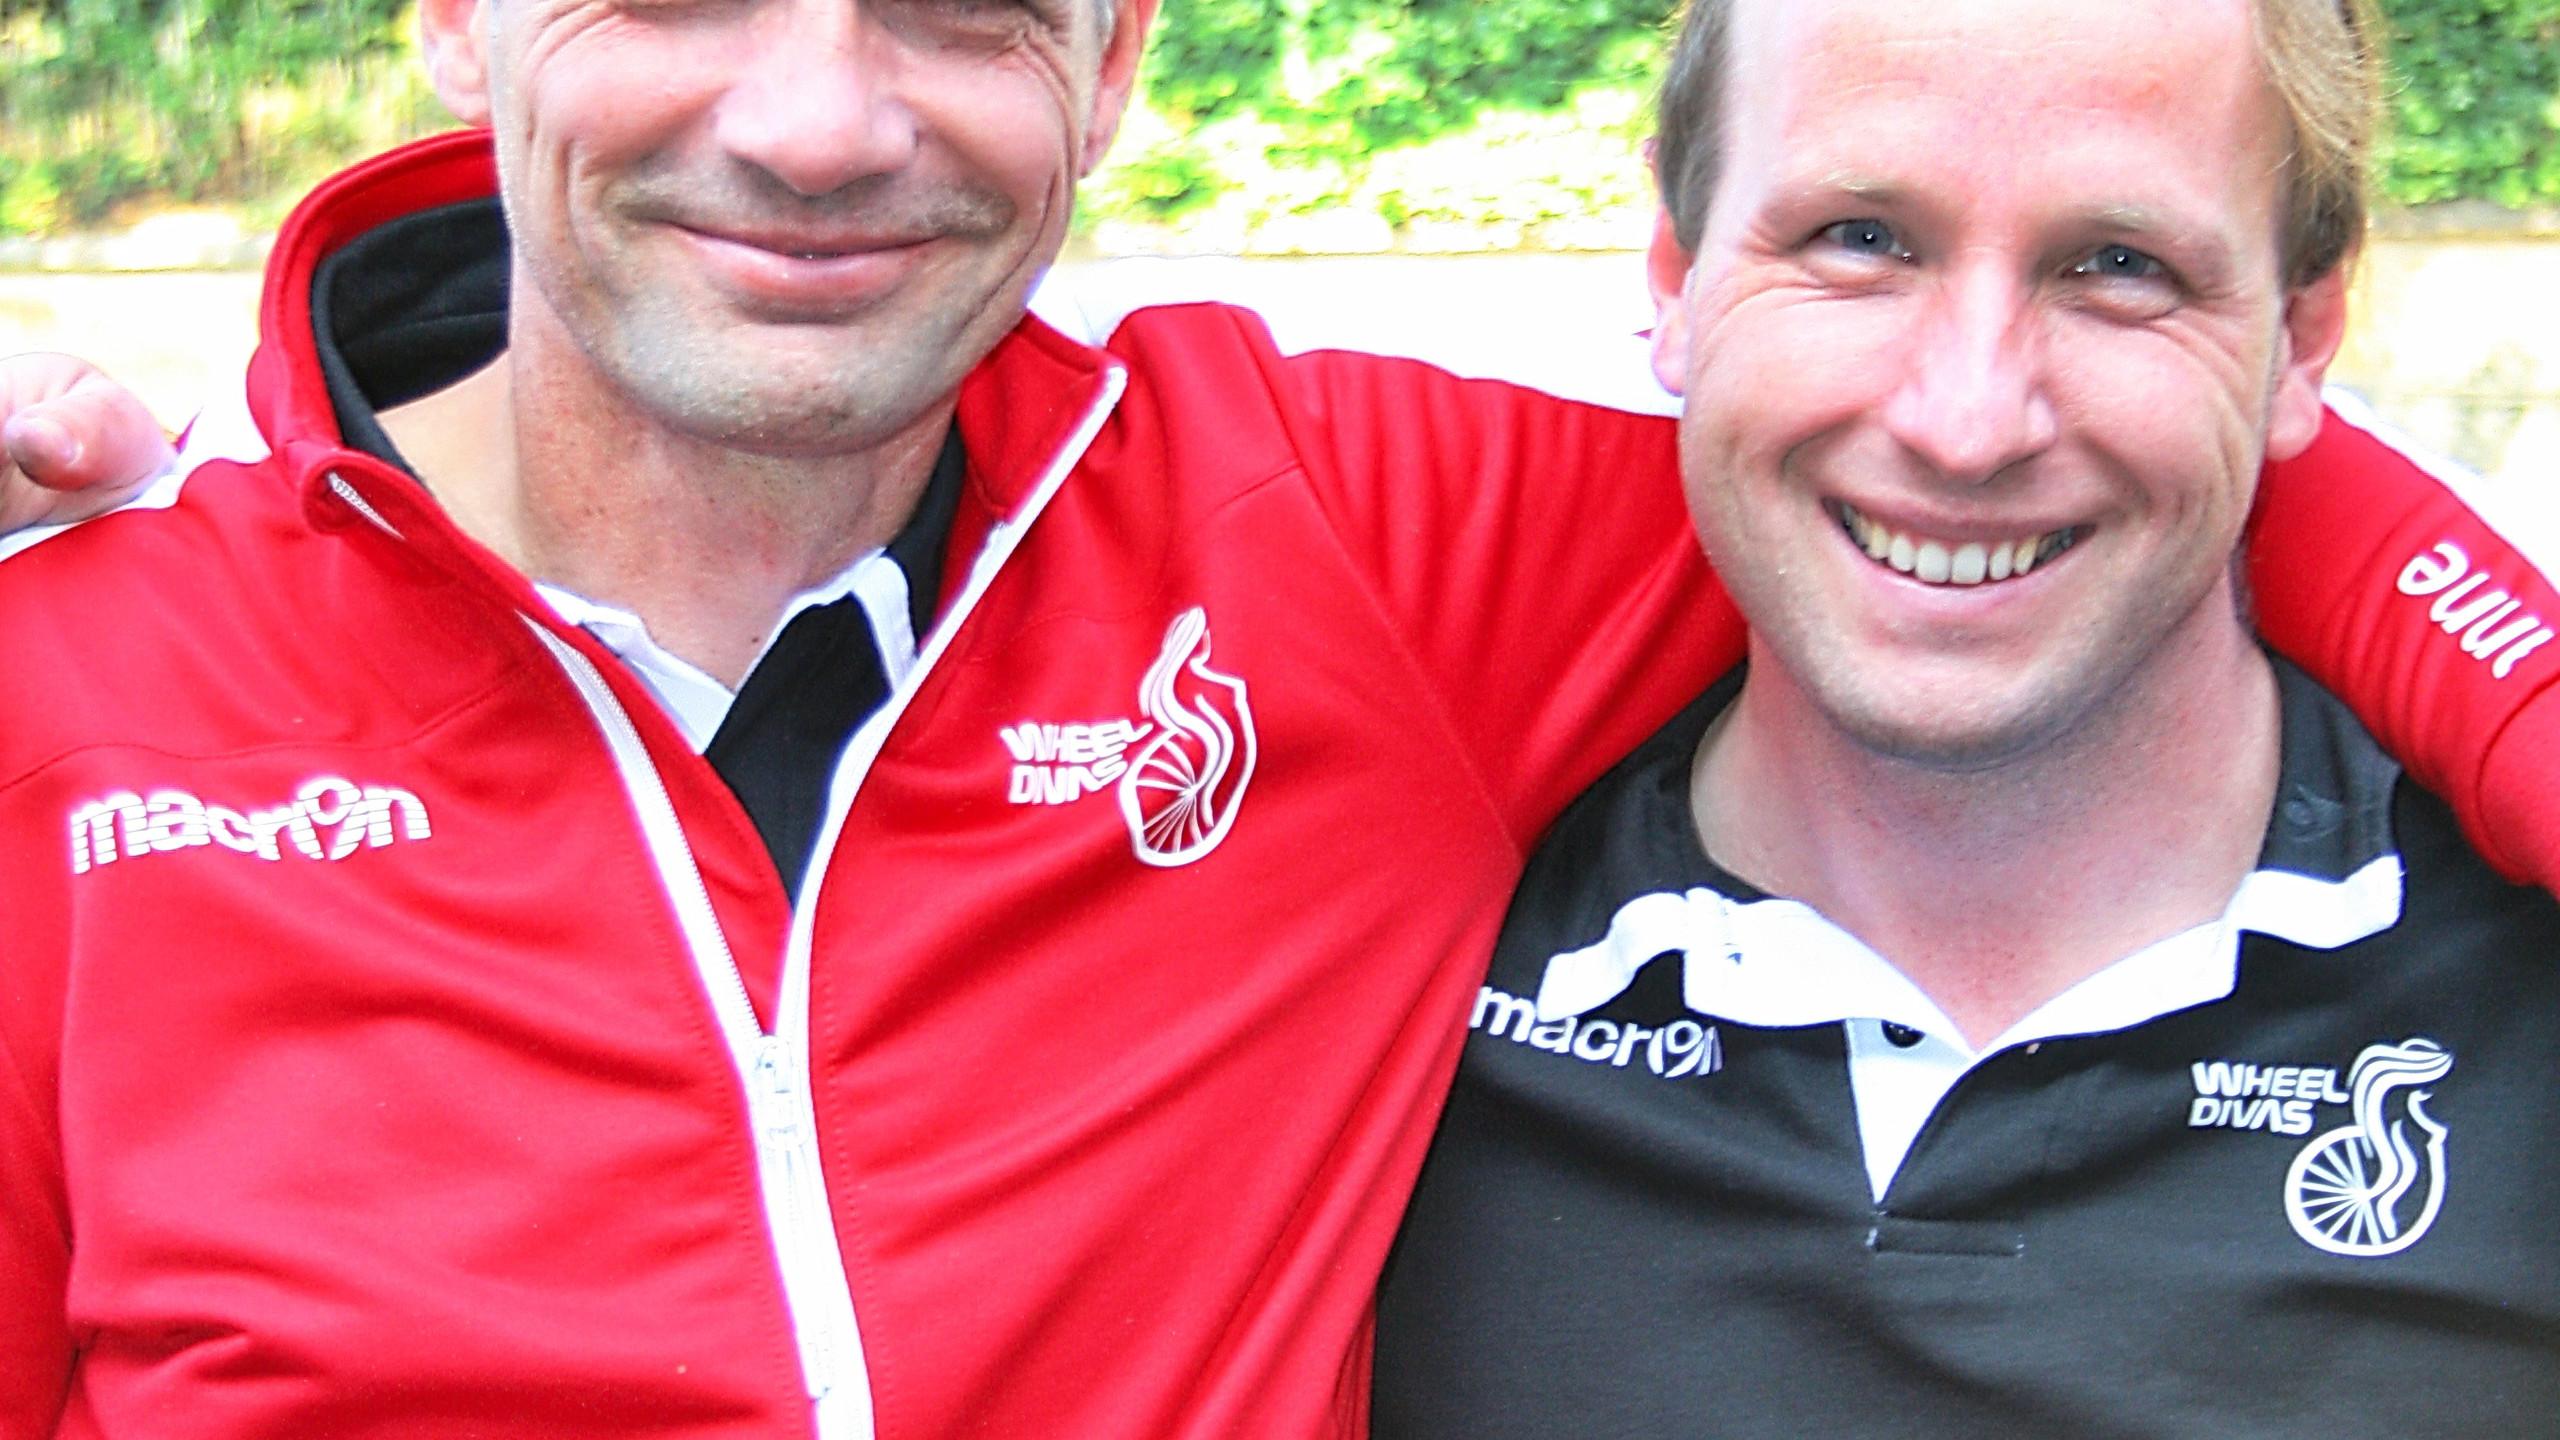 📷 Deamteam Clemens und Hannes